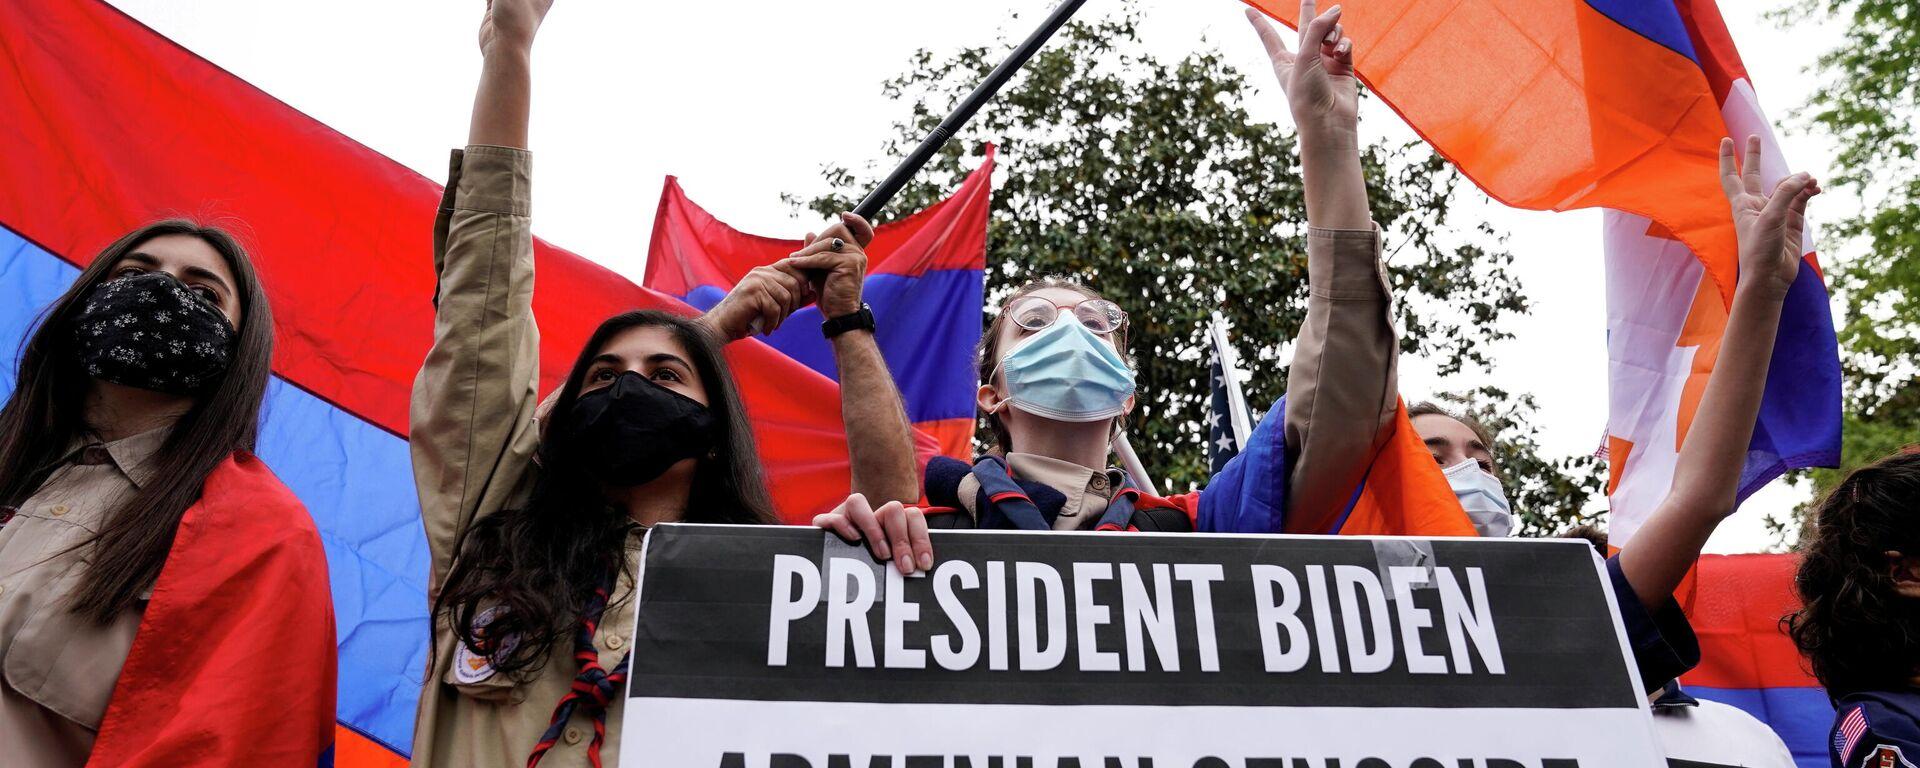 Manifestación de los armenios contra el genocidio - Sputnik Mundo, 1920, 27.04.2021